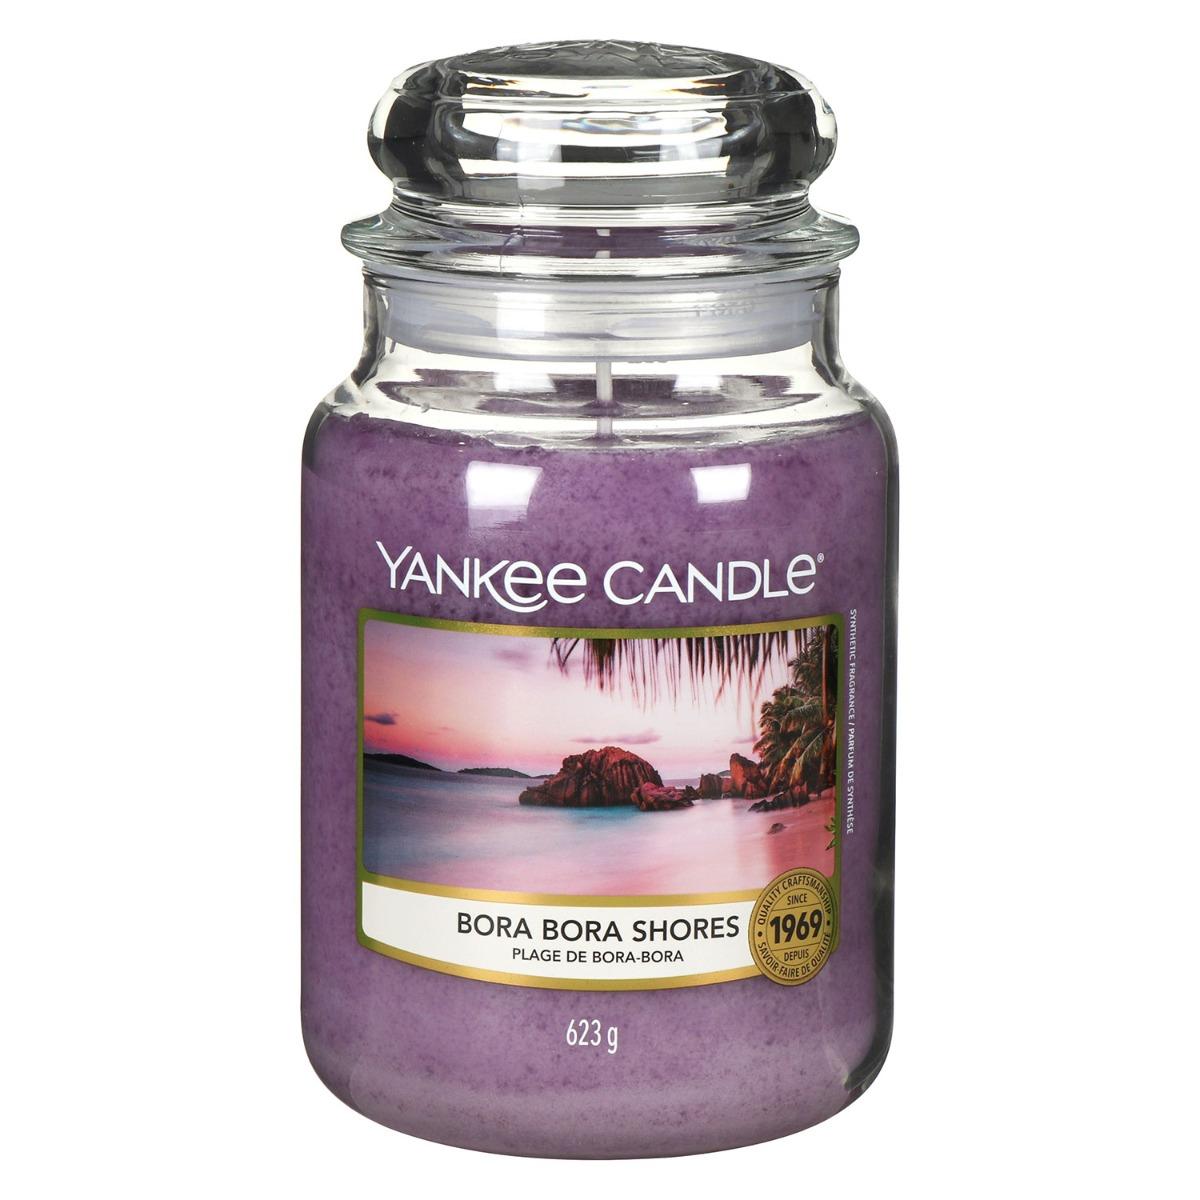 Yankee Candle - Bora Bora Shores, Giara Grande